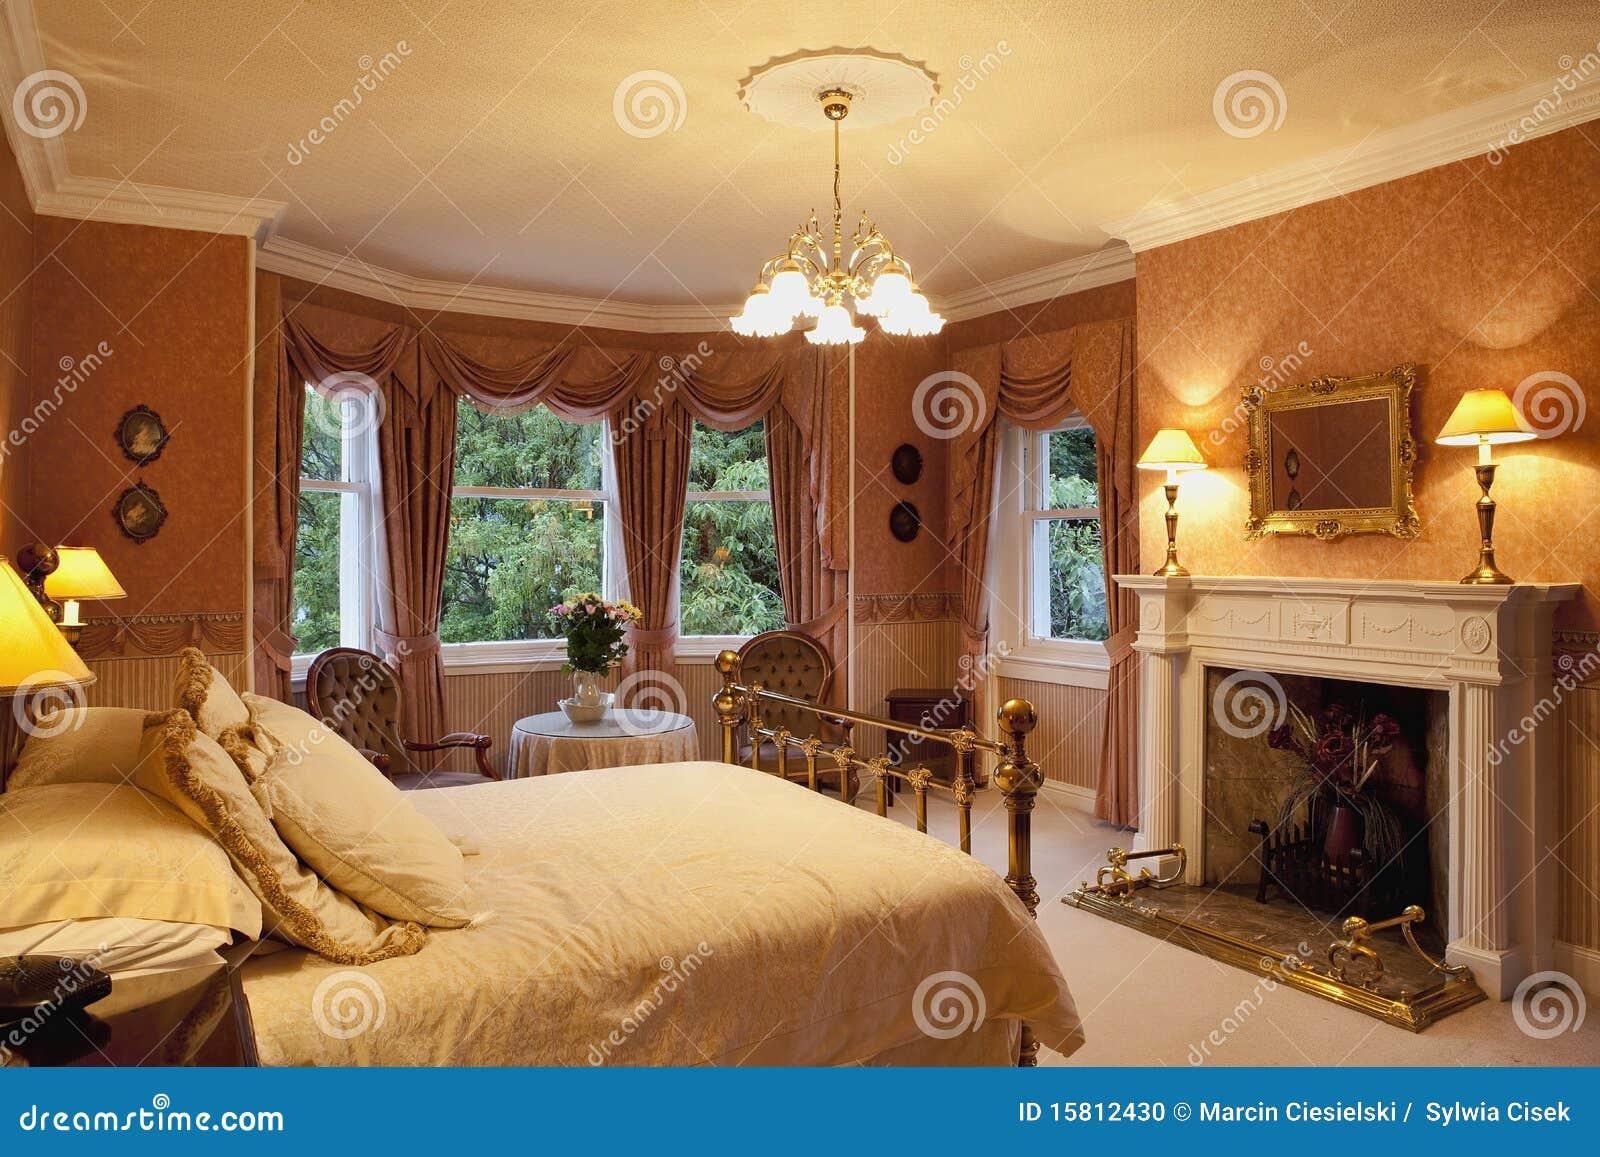 Victorian Bedroom Stock Photo Image Of Wallpaper